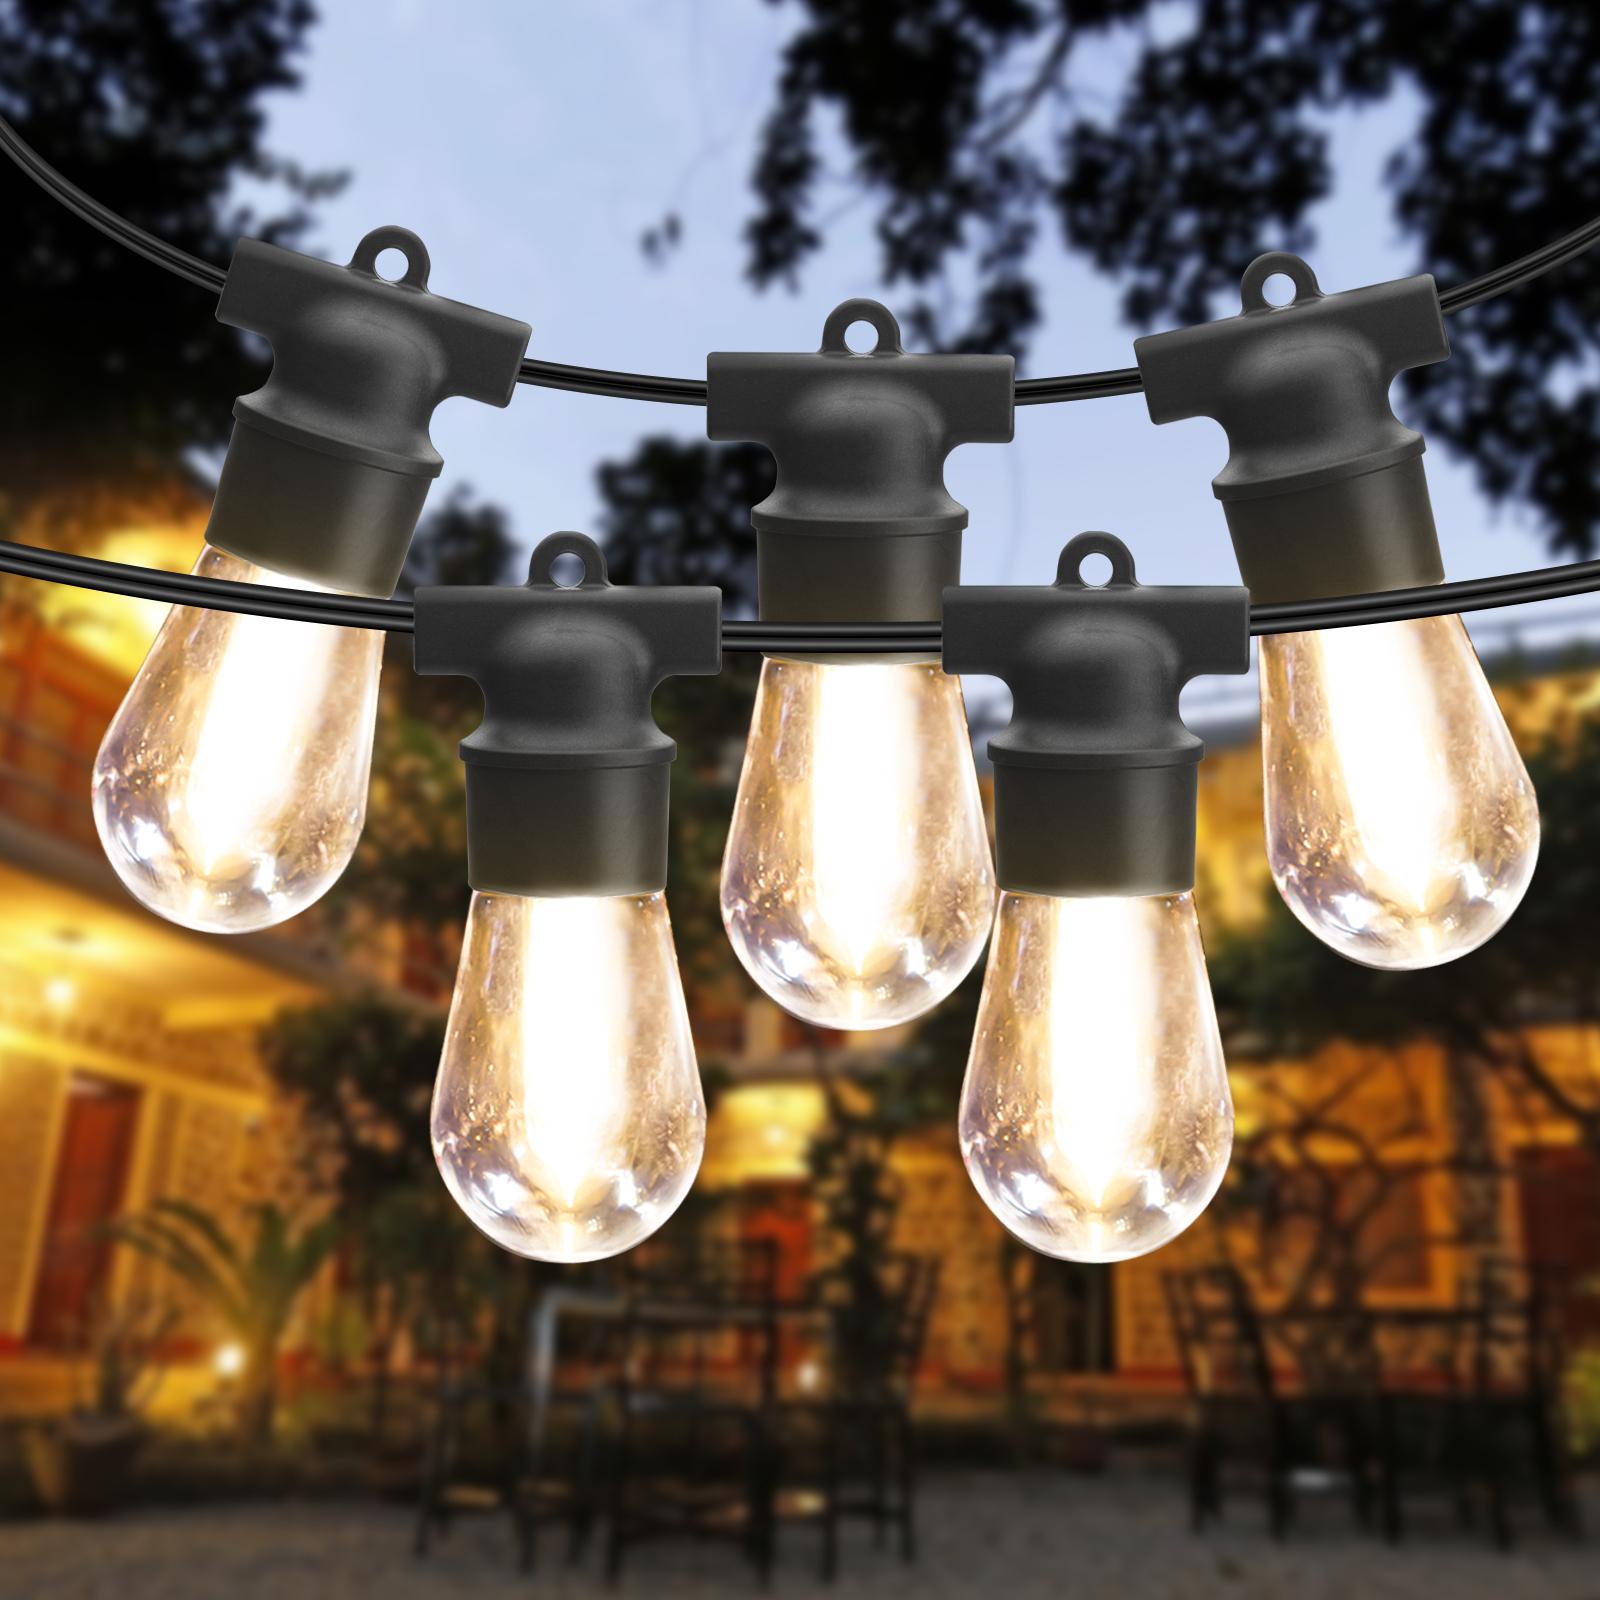 2 Pack 48FT guirlande lumineuse extérieure Guirlande lumineuse à LED étanche Guirlande lumineuse à LED Lampes suspendues commerciales S14 4 Ampoules de rechange 2700K lumières extérieures guirlande décorative jardin porche patio